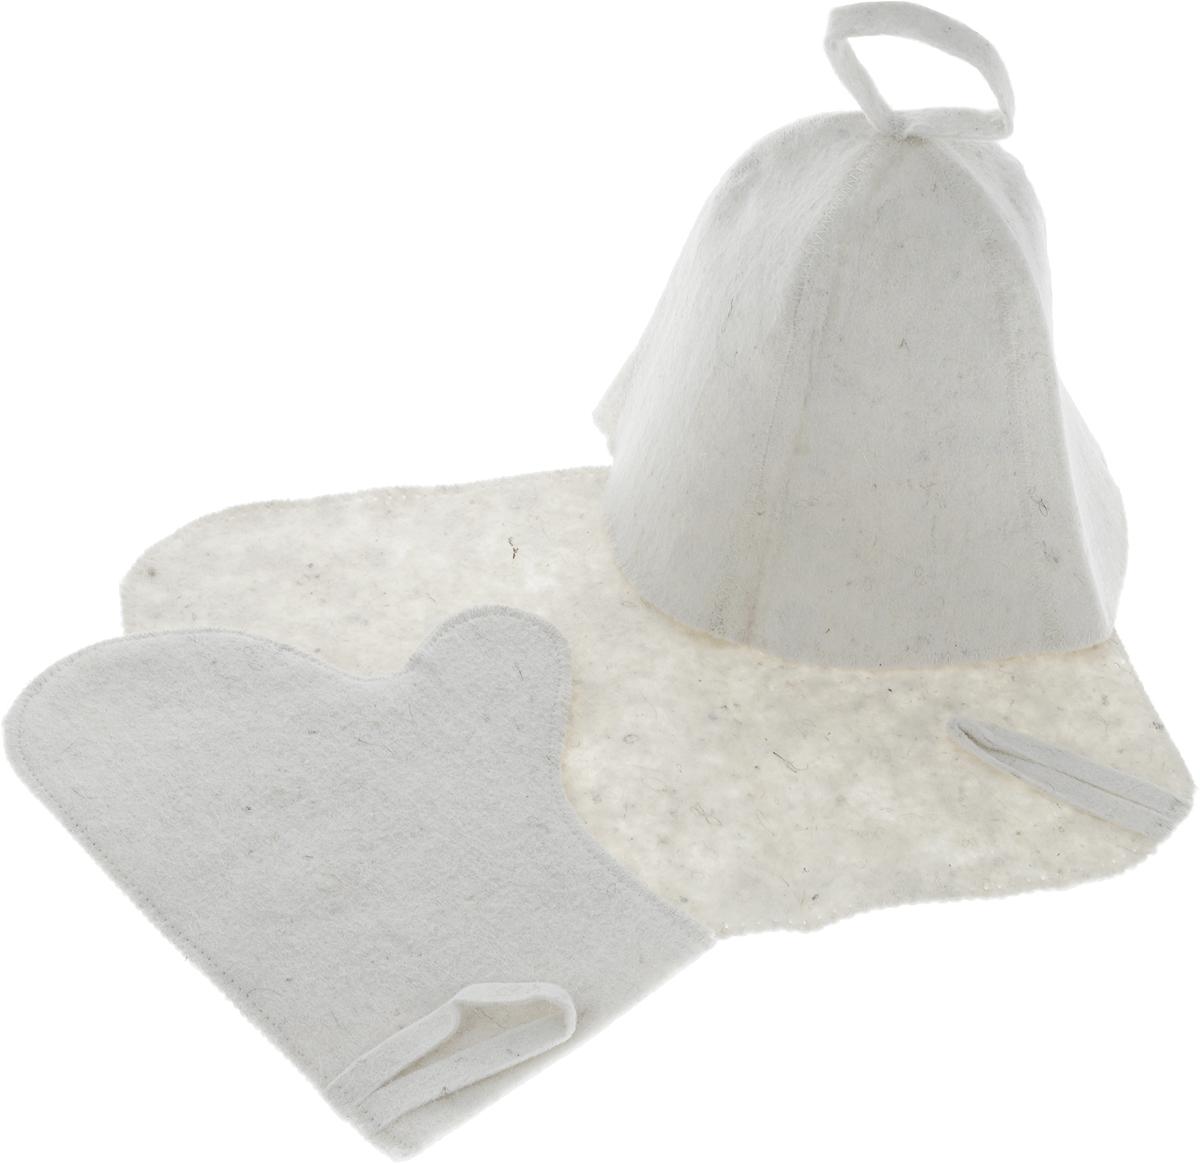 Набор для бани и сауны Proffi, 3 предмета ароматизаторы для бани proffi ароматическая композиция четыре стихии земля